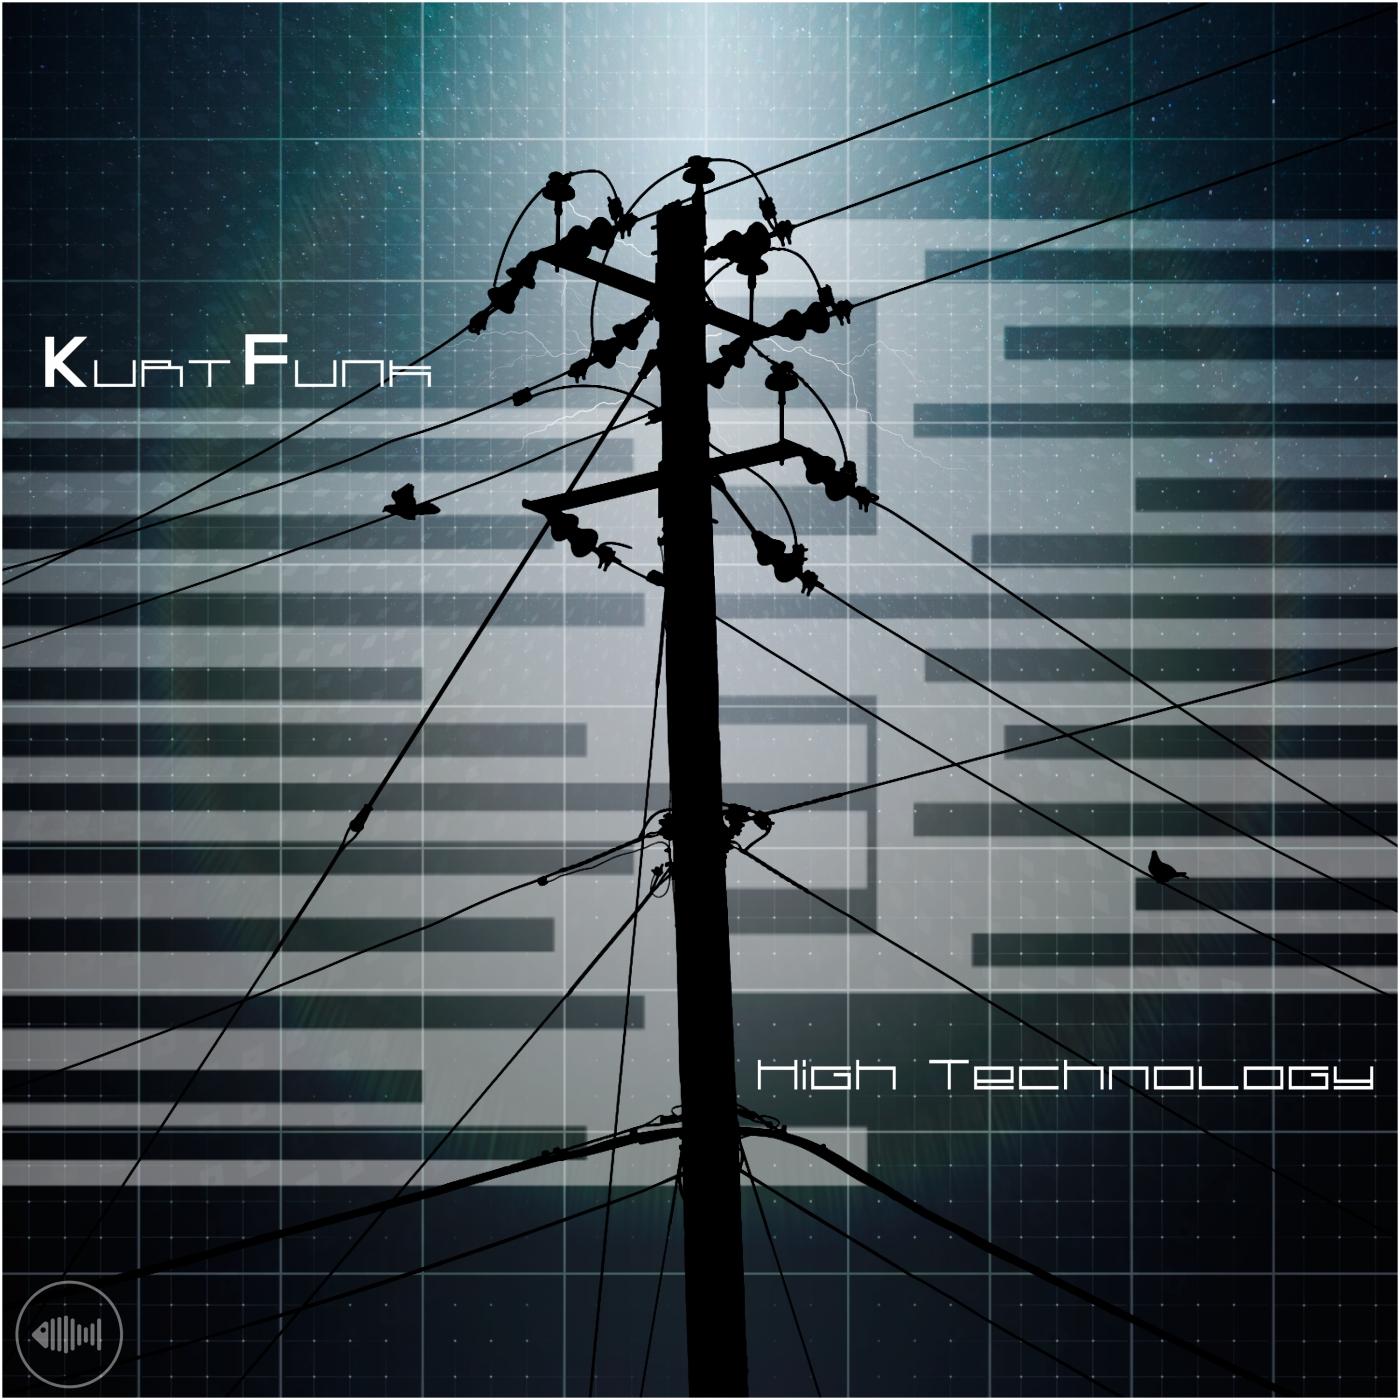 BTR024 - Kurt Funk - High Technology (Original Mix)